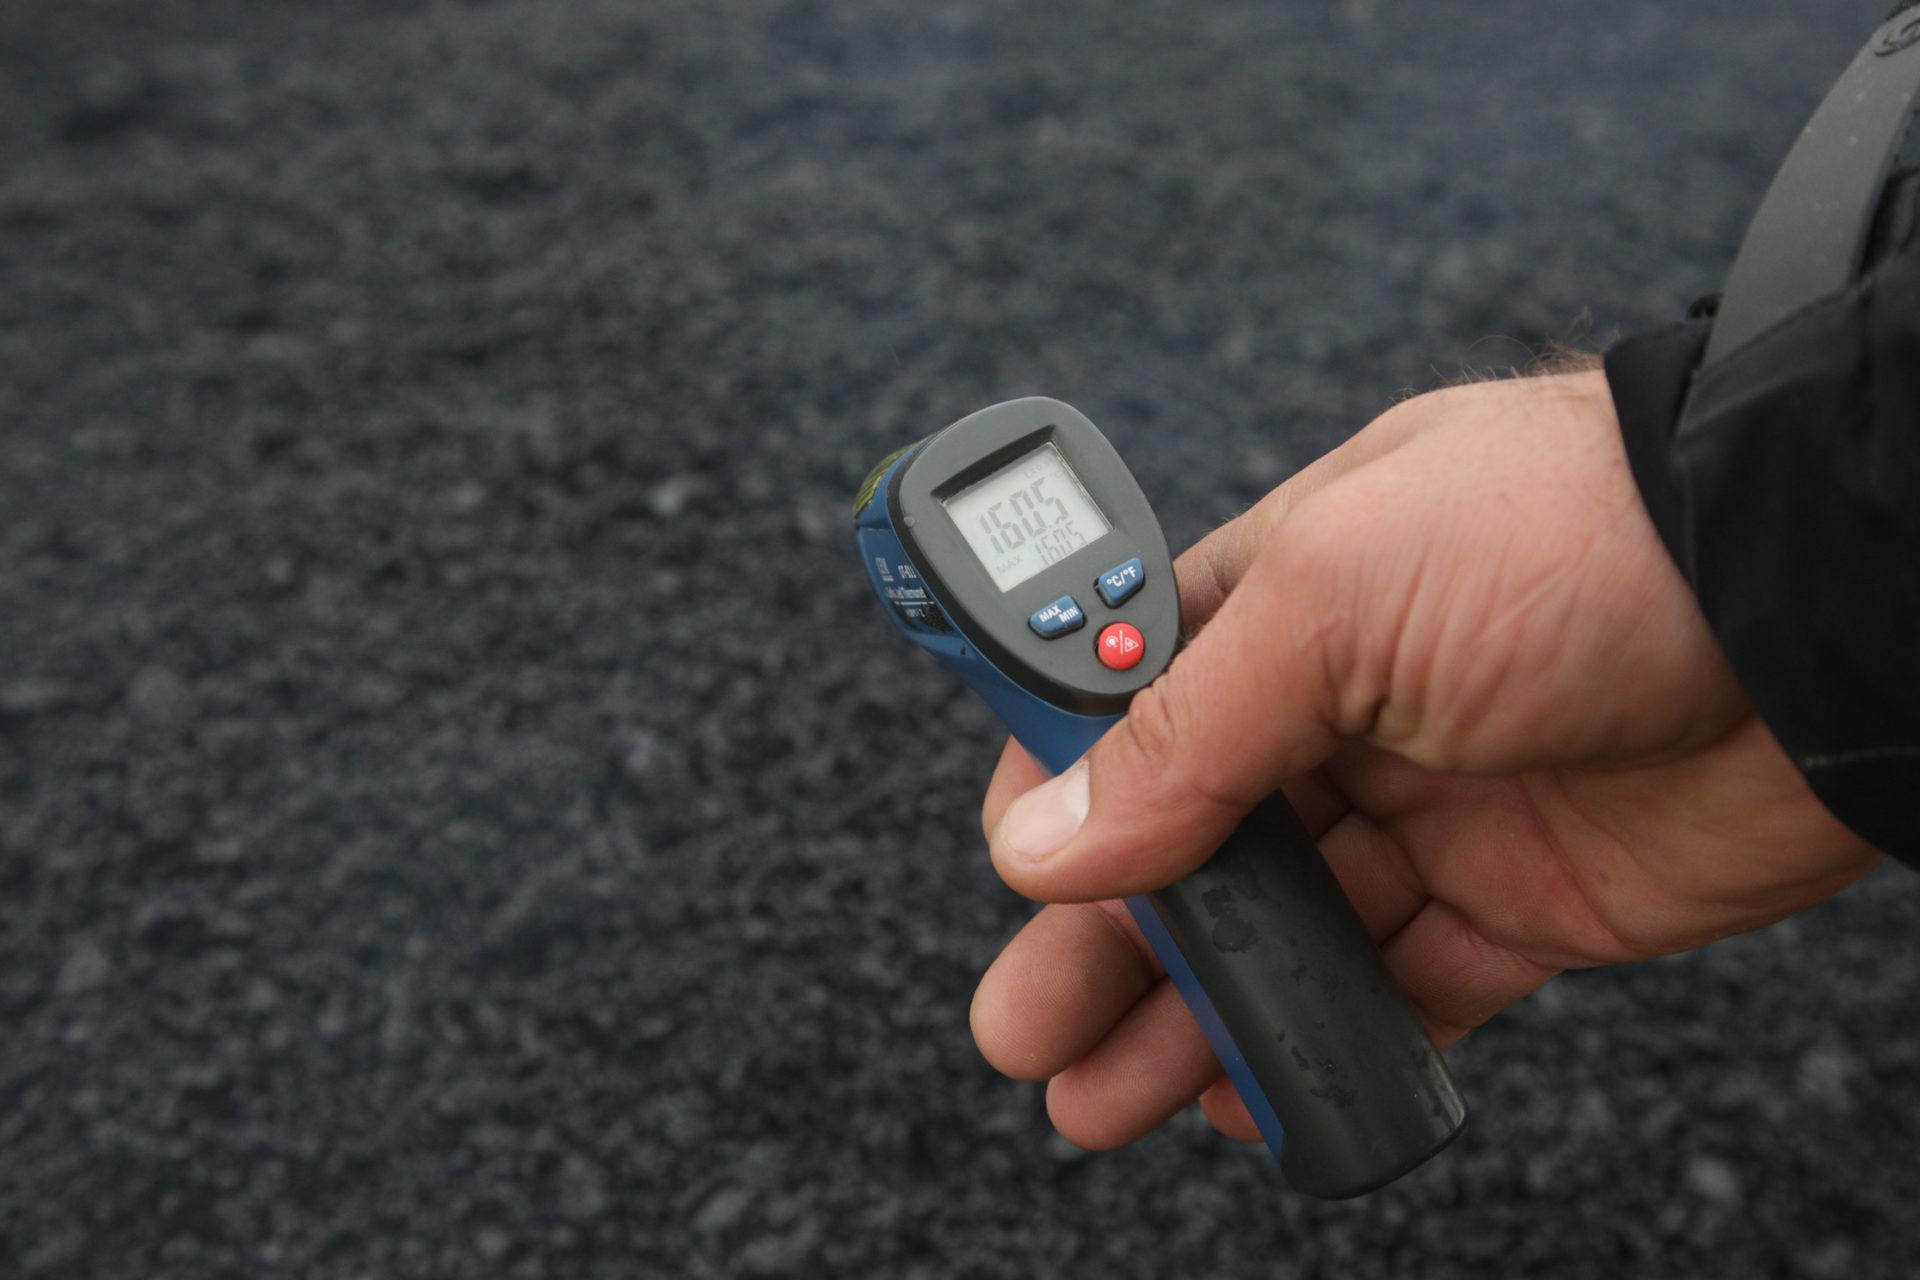 МКУ «Главстрой»: «Подрядчики обязаны соблюдать технологию укладки асфальта при температуре до -10ºС»